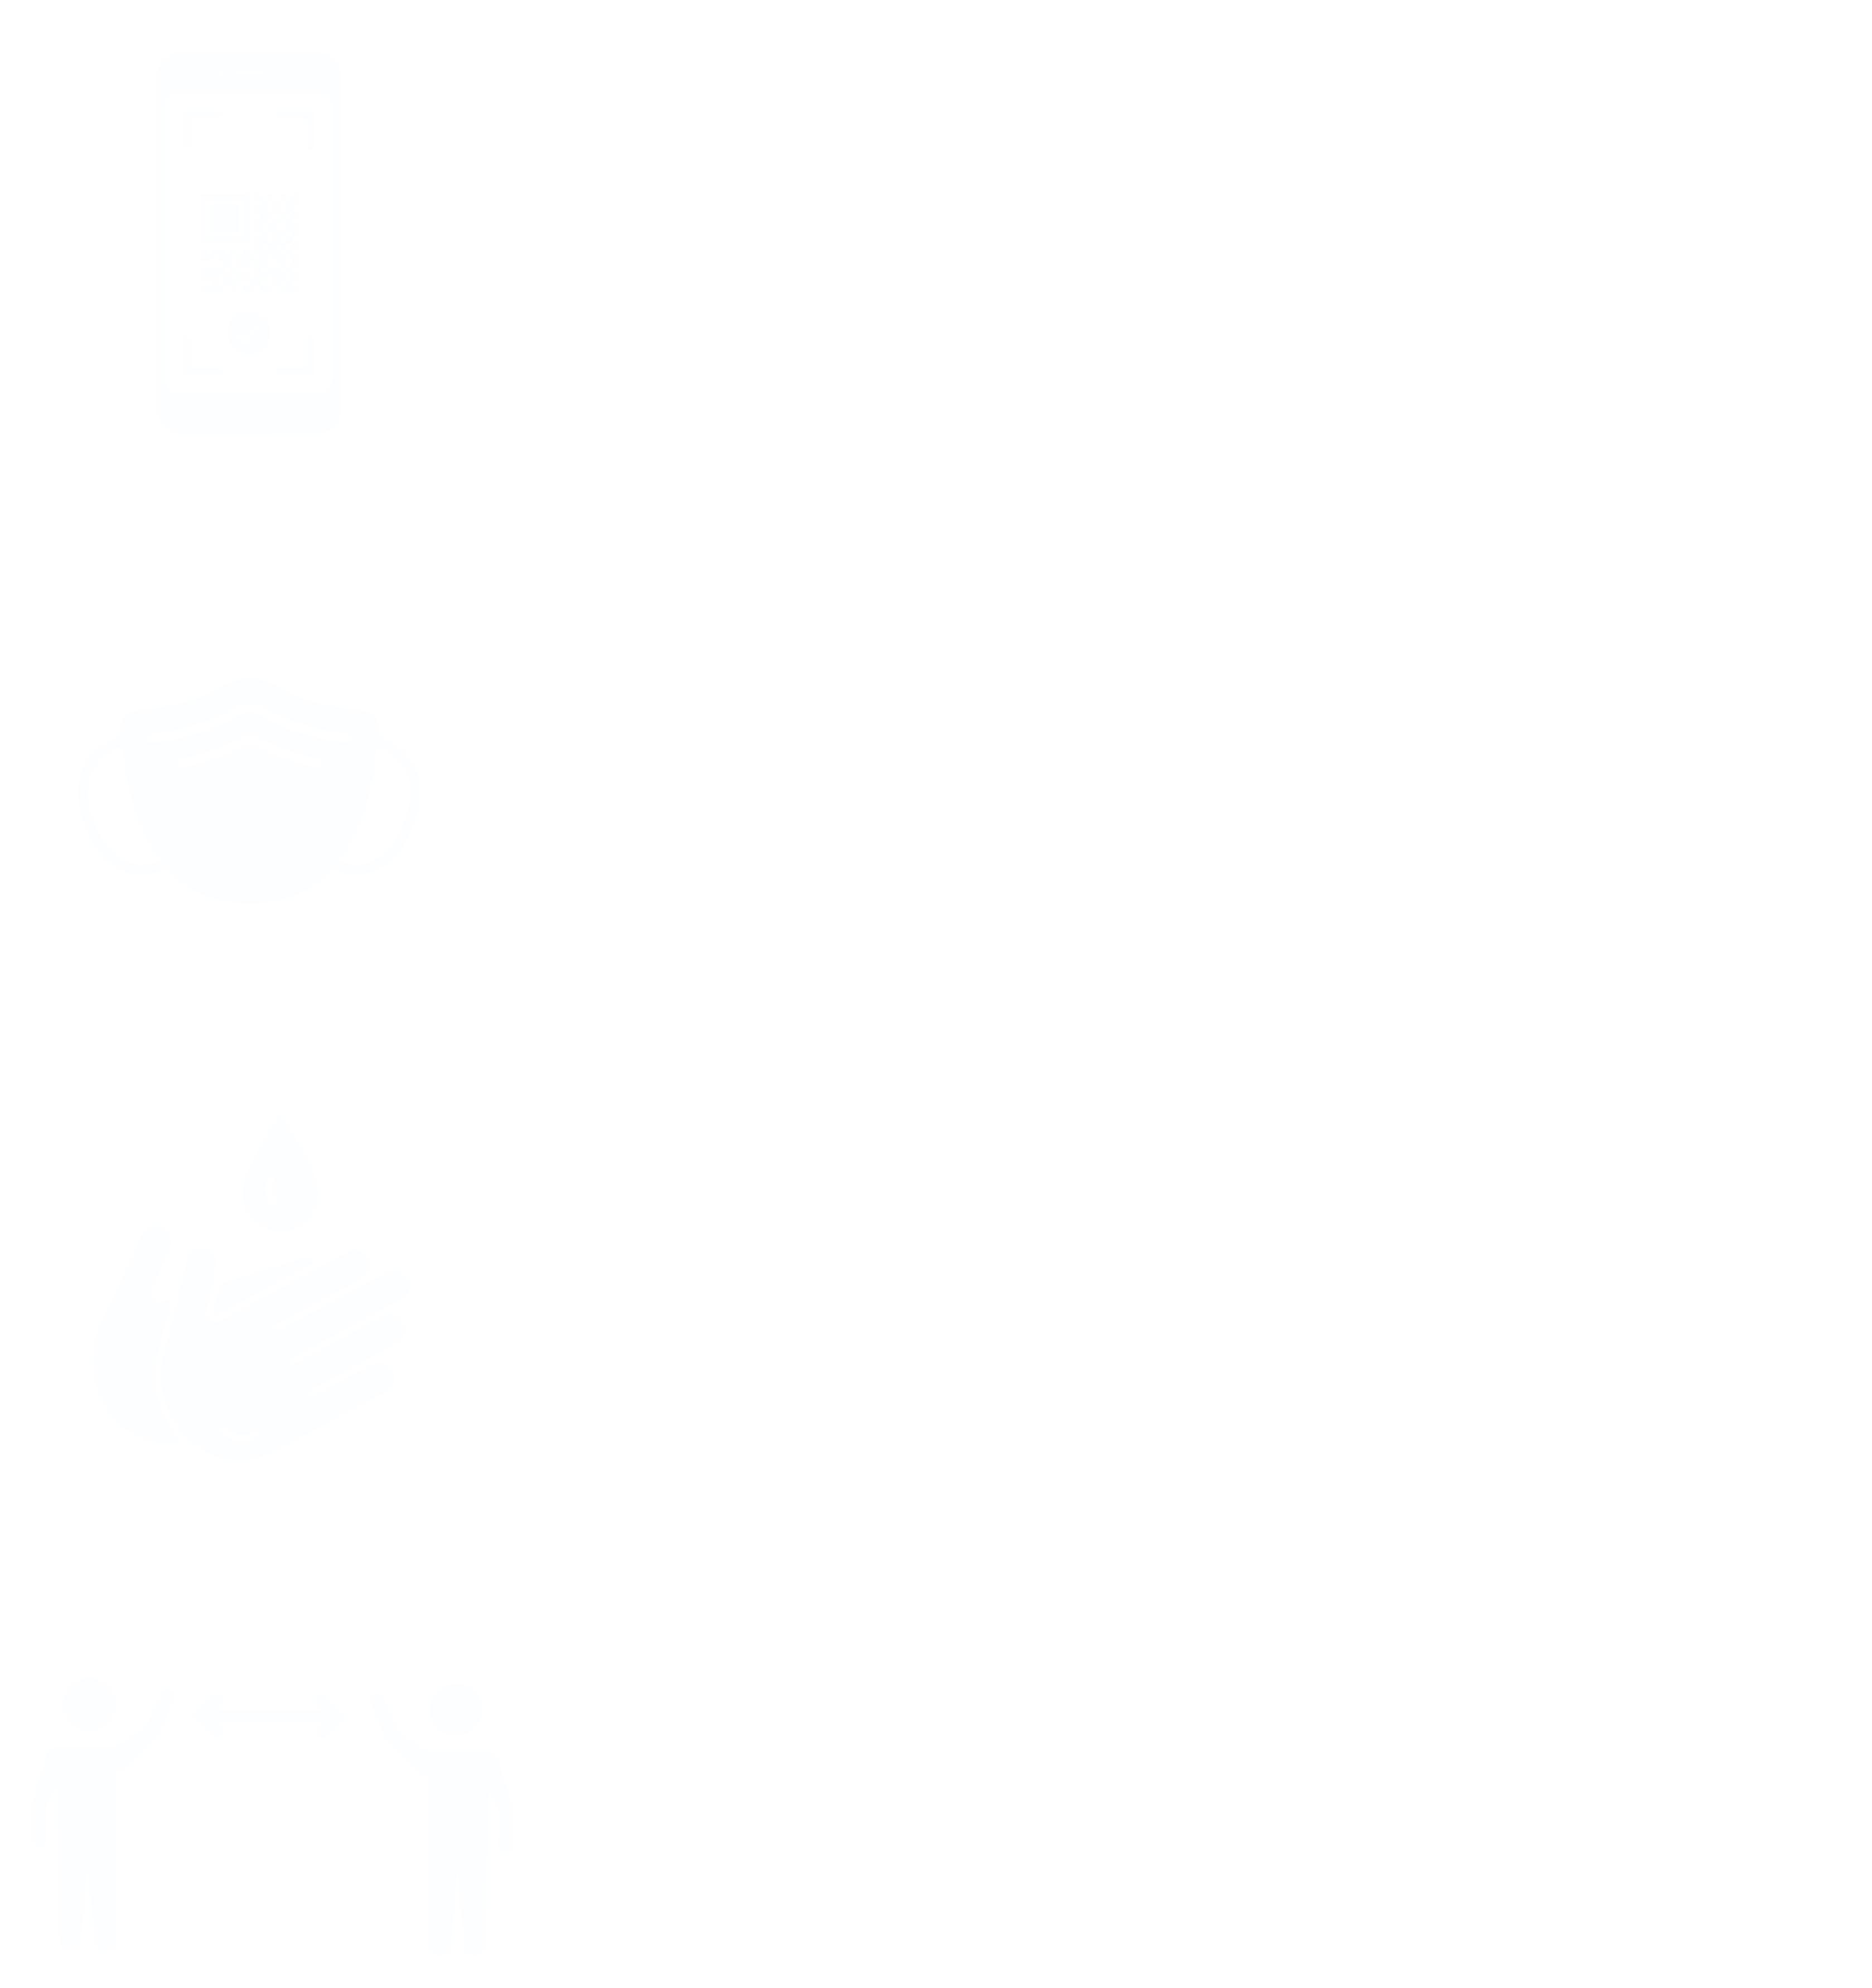 Schäfers_Hygienekonzept_Poster-01